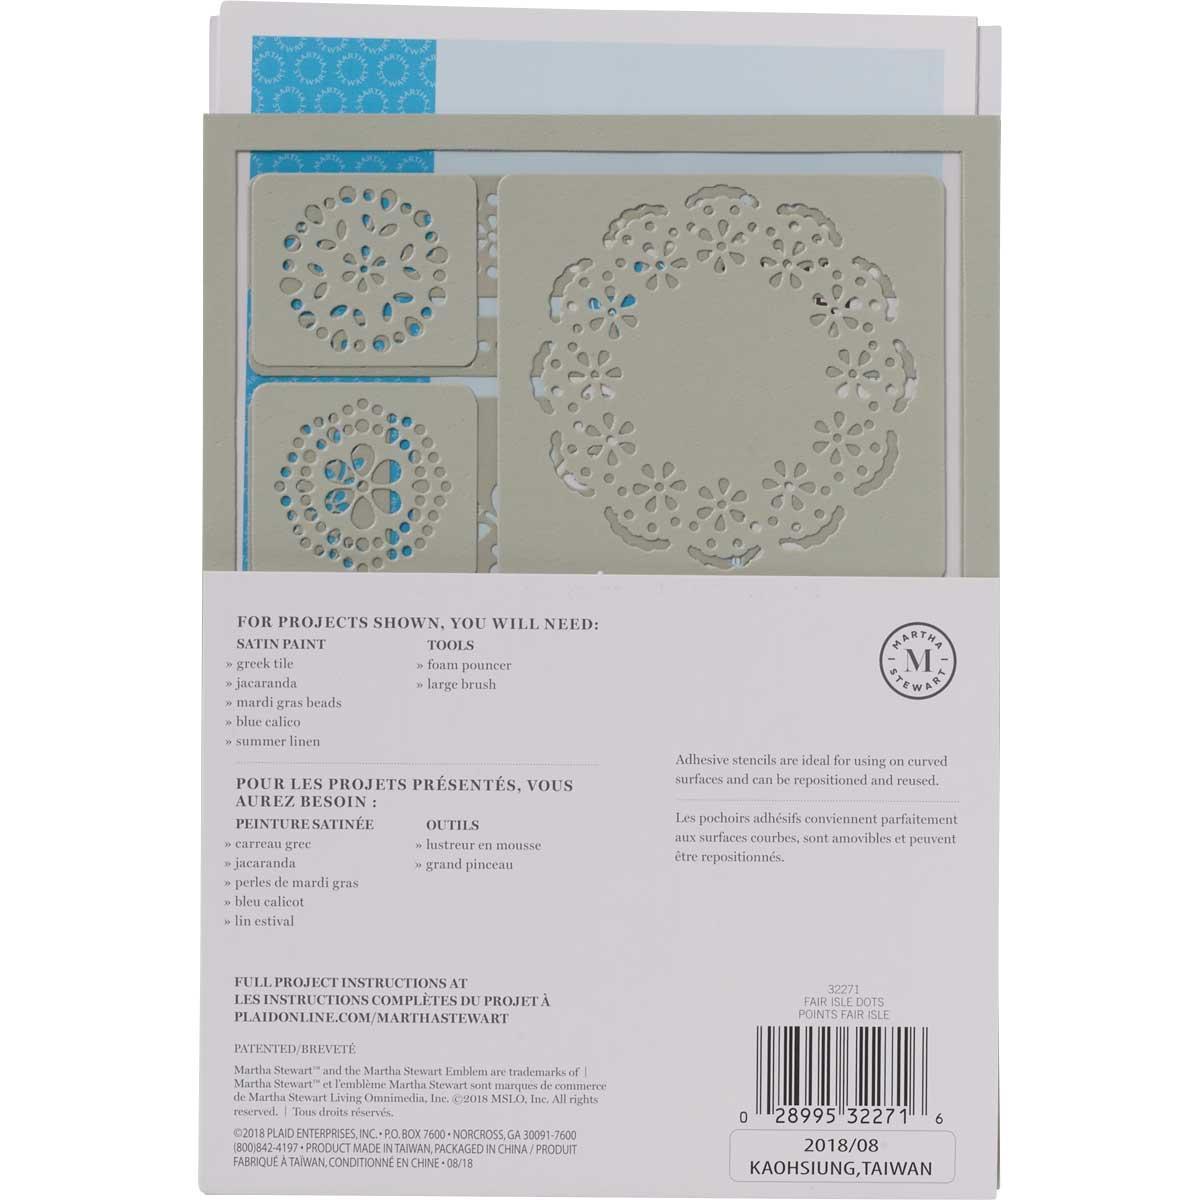 Martha Stewart ® Adhesive Stencil - Fair Isle Dots - 32271